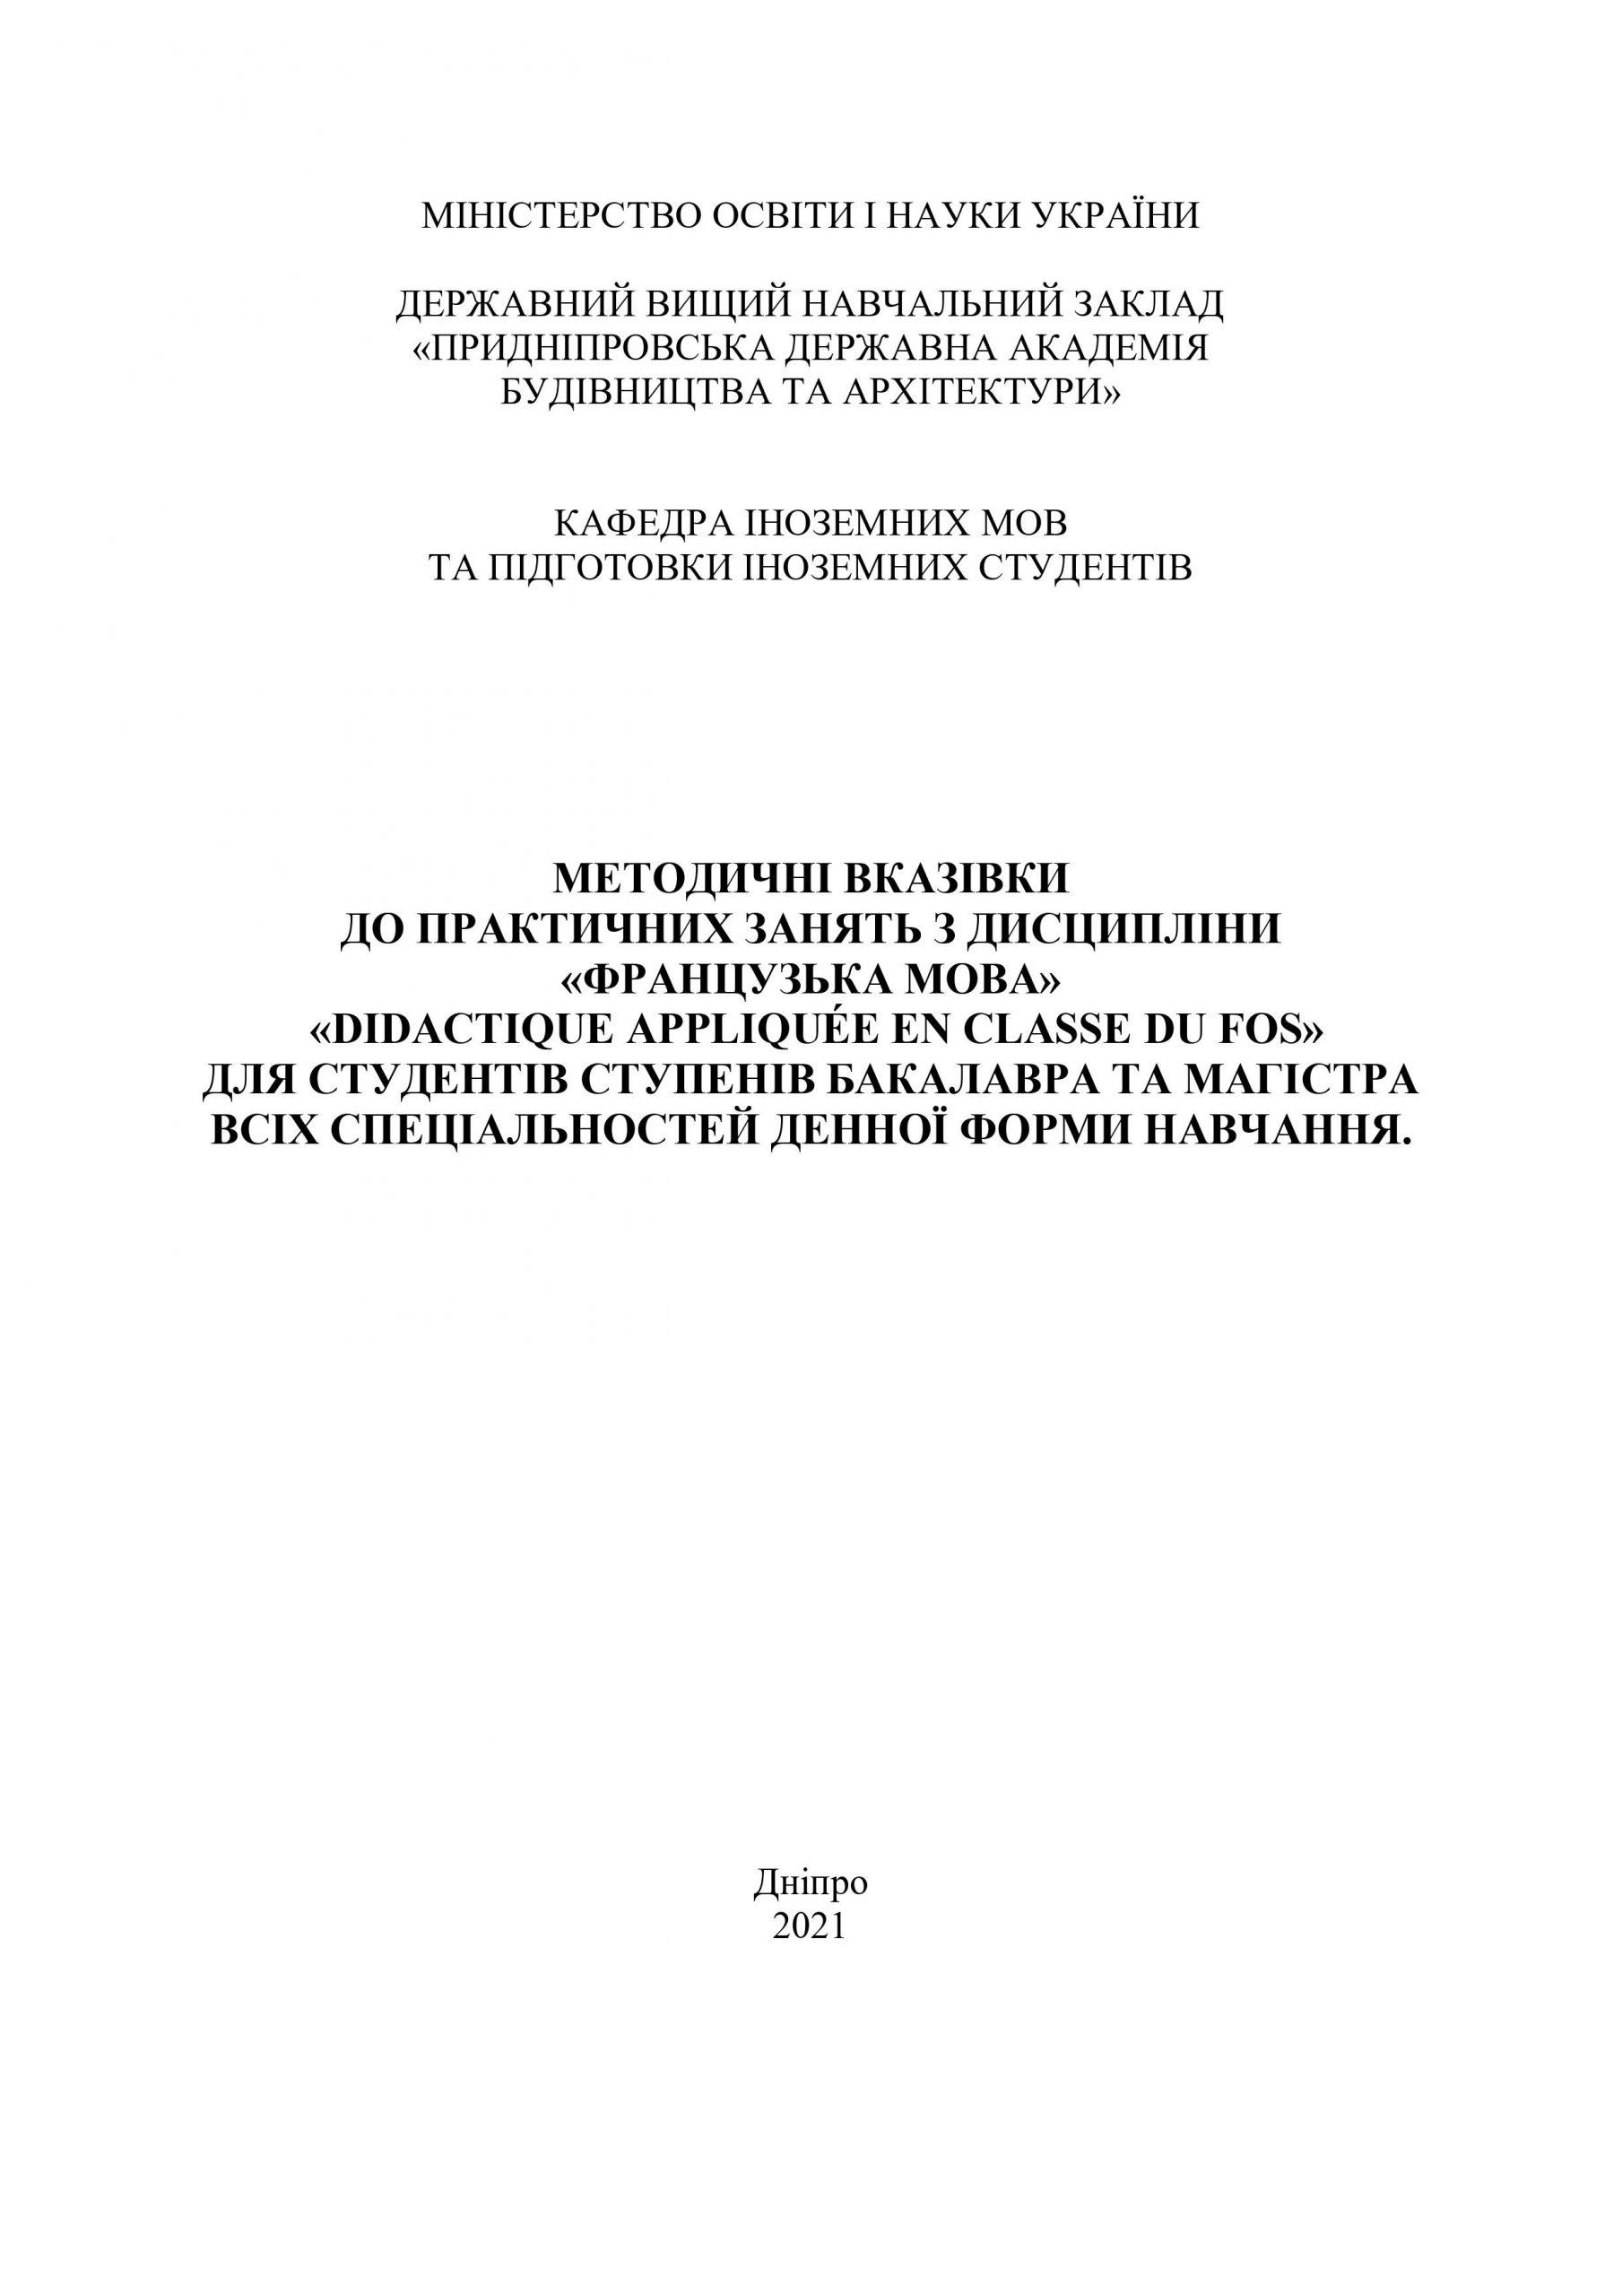 Методичні вказівки до практичних занять з дисципліни «Французька мова»